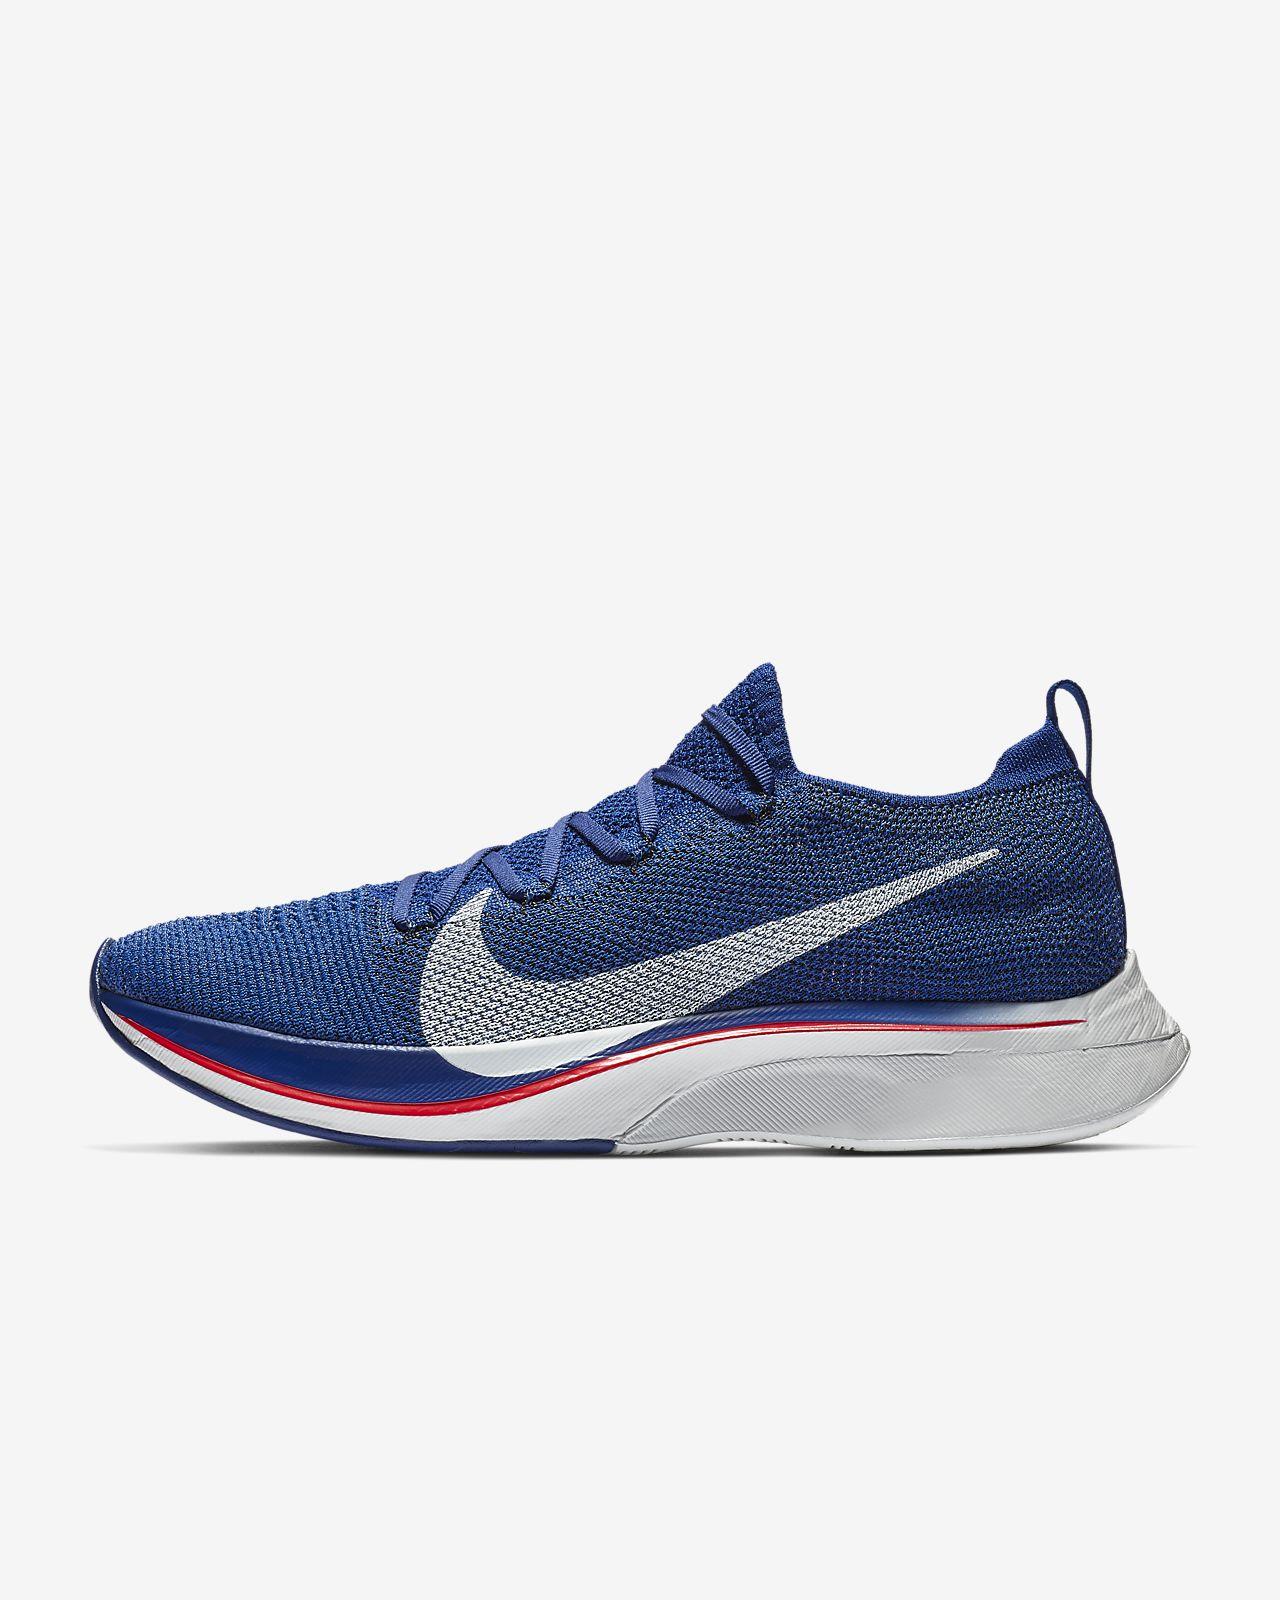 Nike Vaporfly 4% Flyknit Sabatilles de running